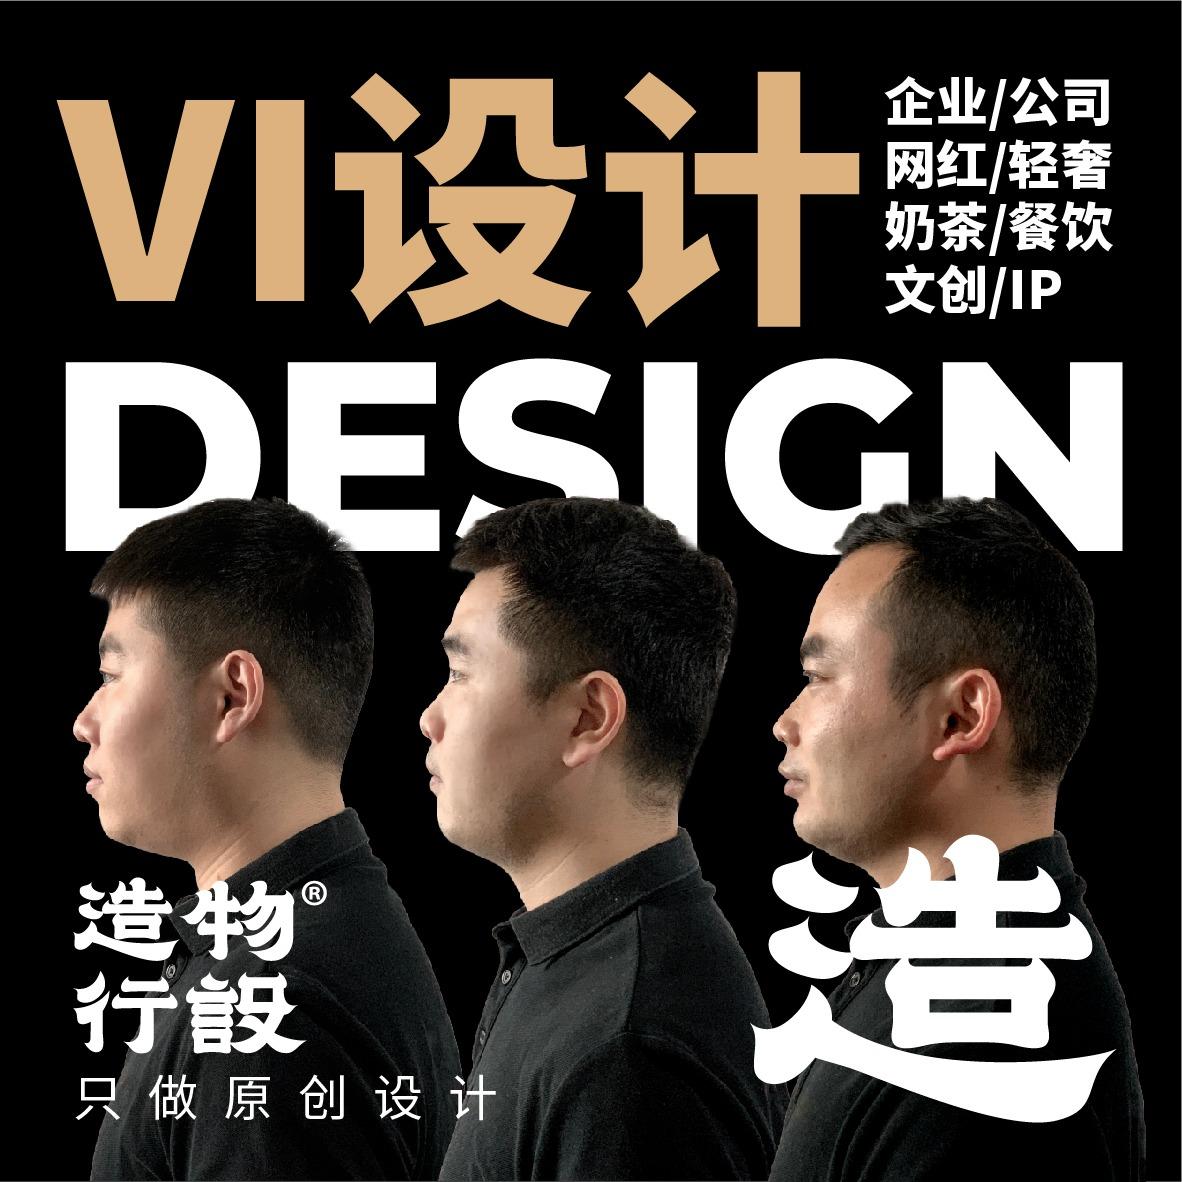 餐饮行业品牌企业形象vi设计VIS视觉系统全套设计平面设计